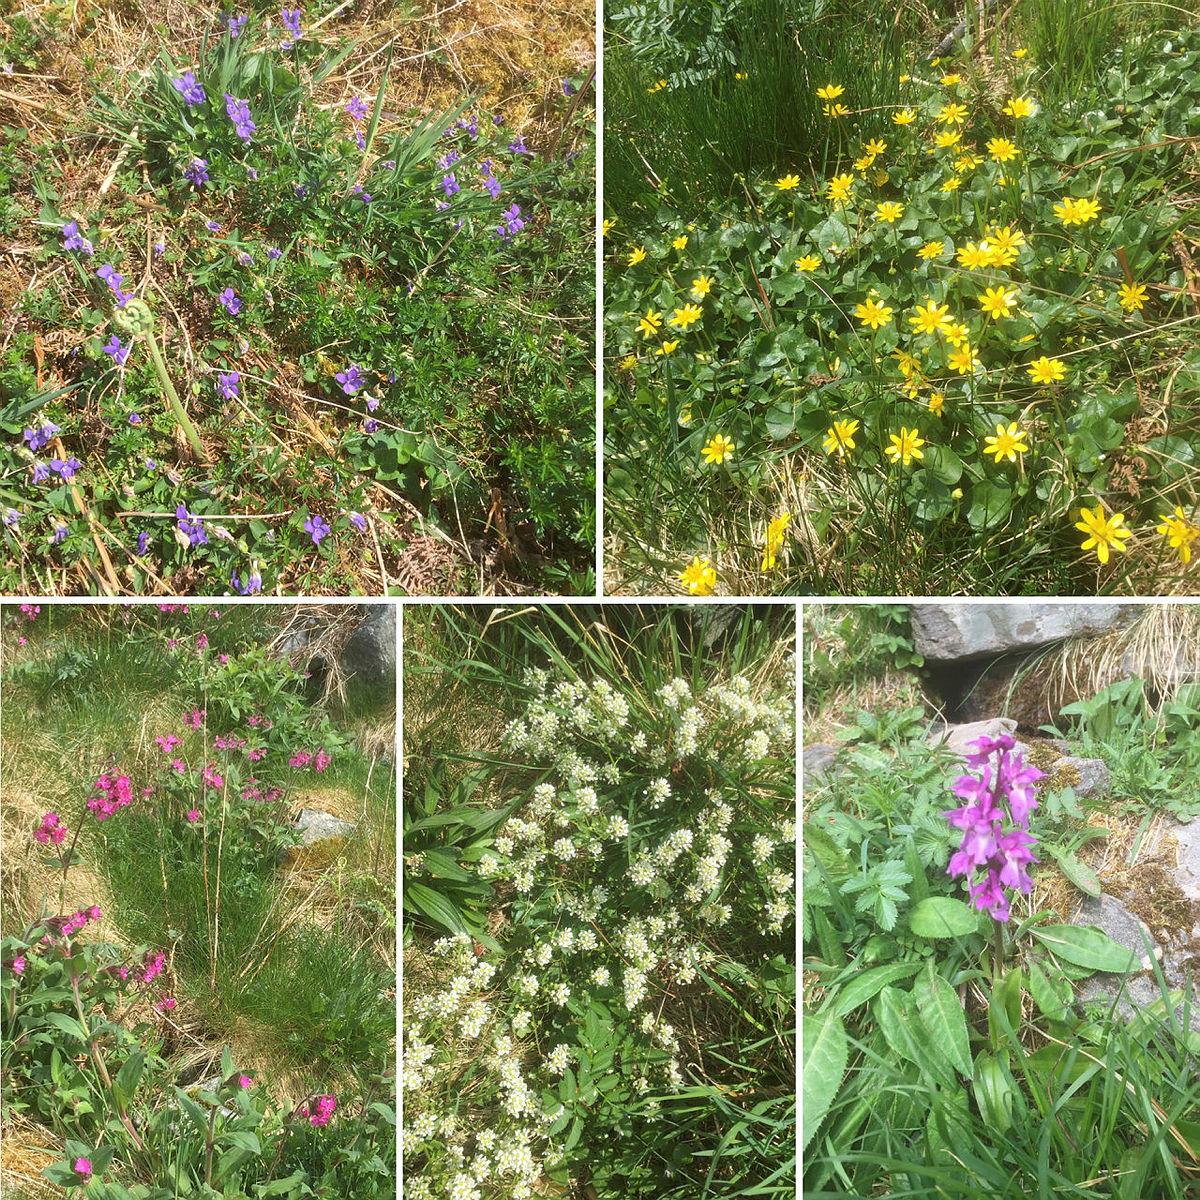 Litt av blomster floraen vi nyter synet av på turen.